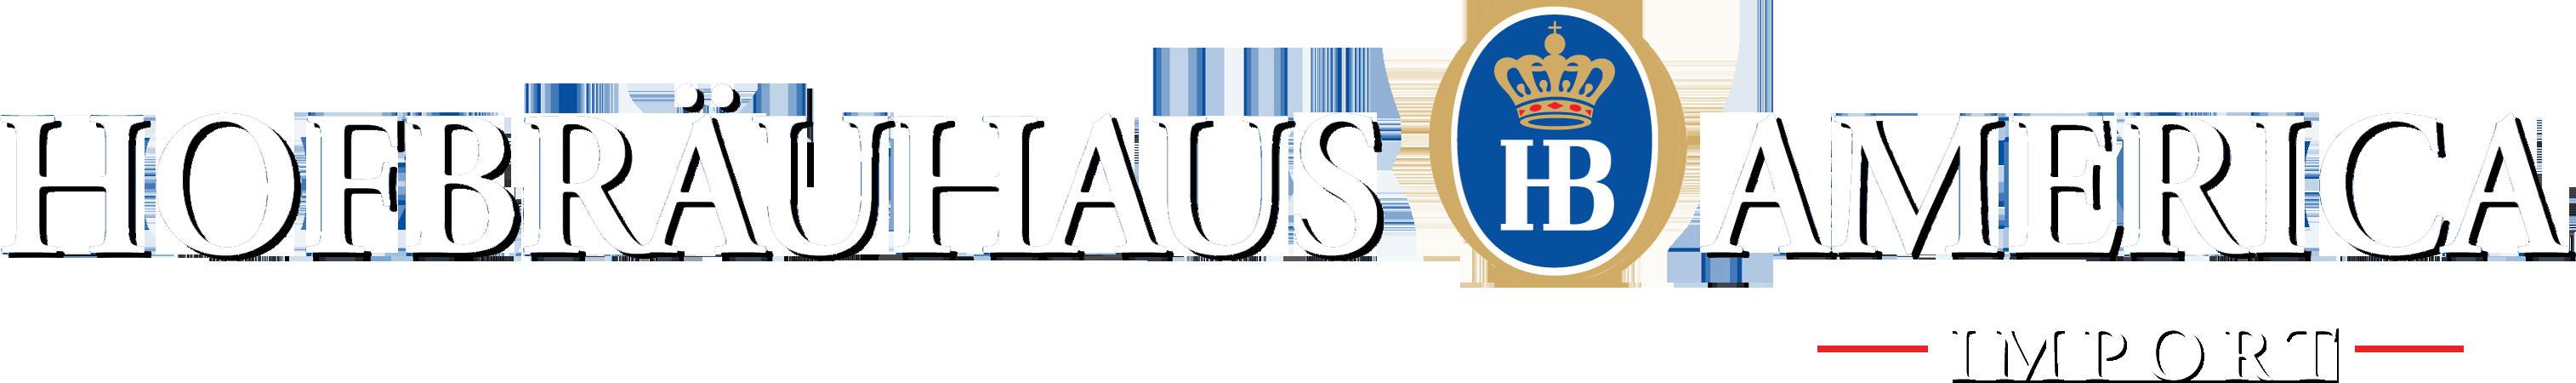 Hofbrauhaus of America Import Logo